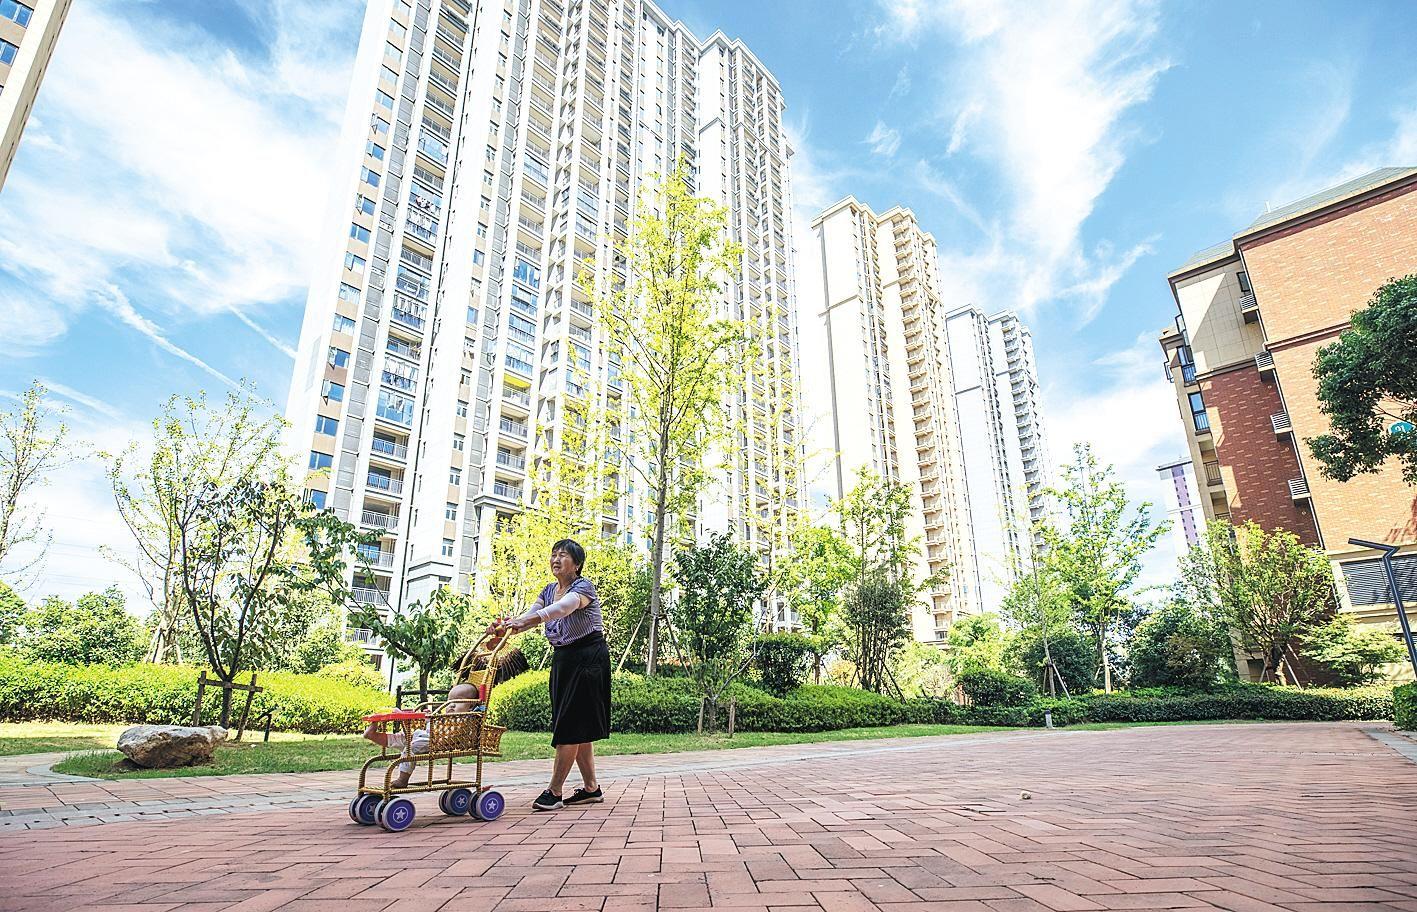 城市更新助老城区居民迁新居